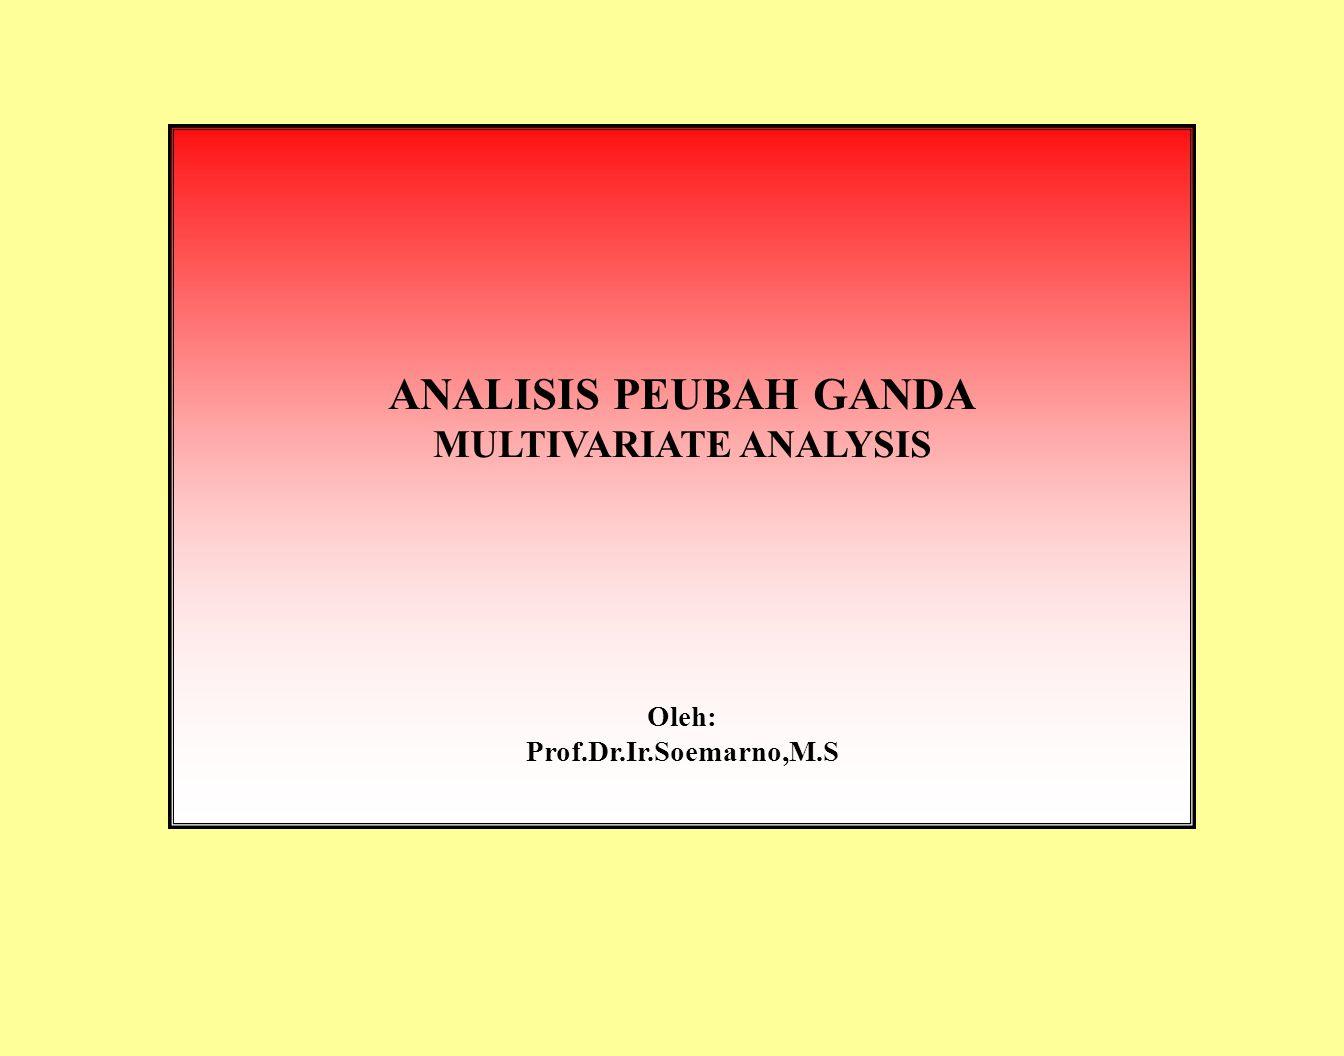 ANALISIS PEUBAH GANDA MULTIVARIATE ANALYSIS Oleh: Prof.Dr.Ir.Soemarno,M.S